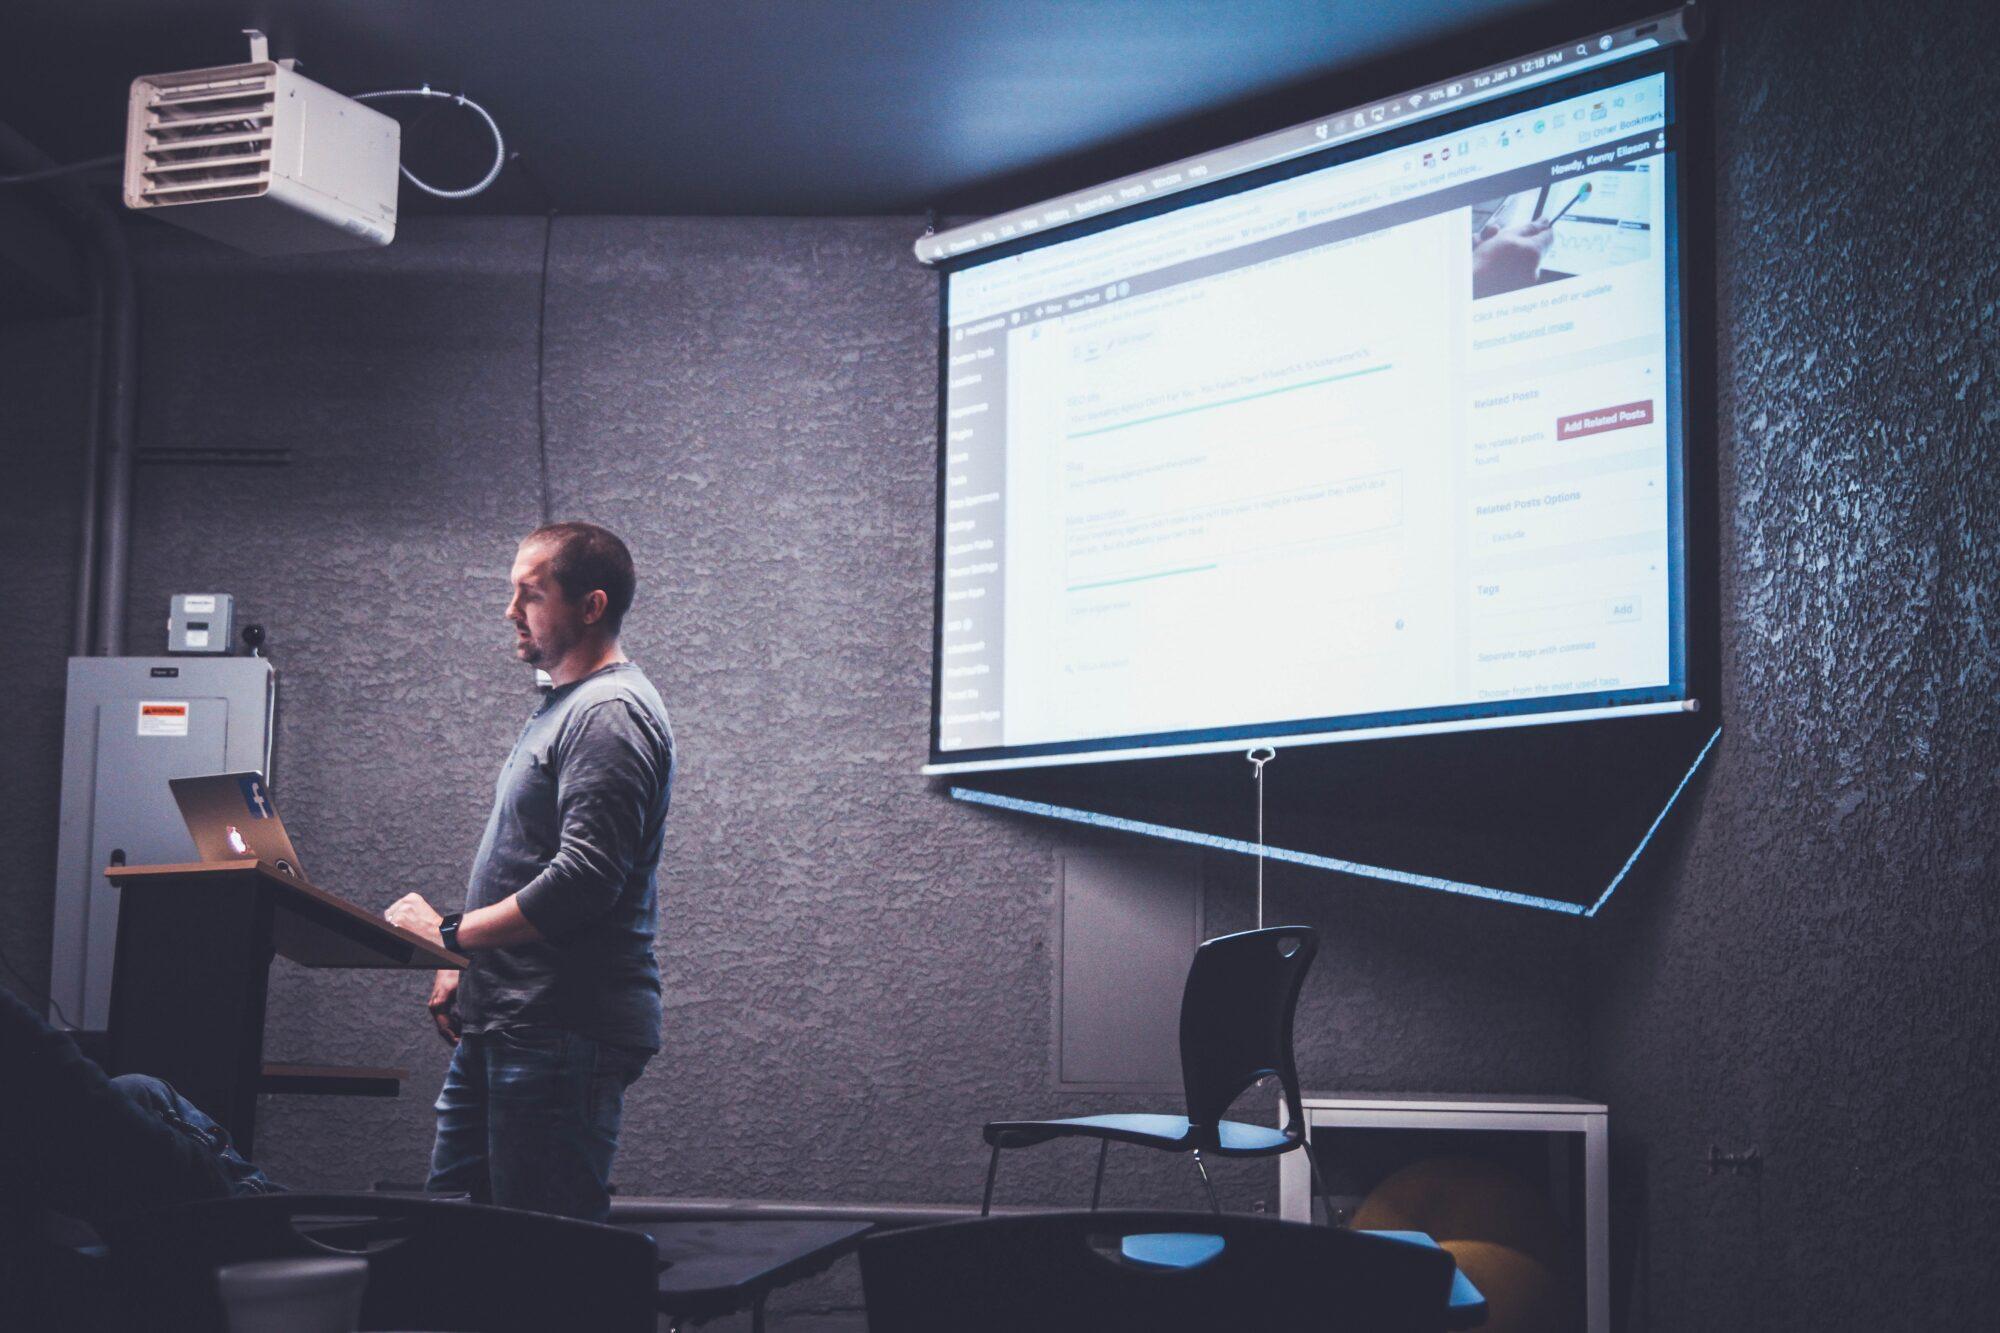 Projektor lærred – essentielt til kontor og klasseværelse